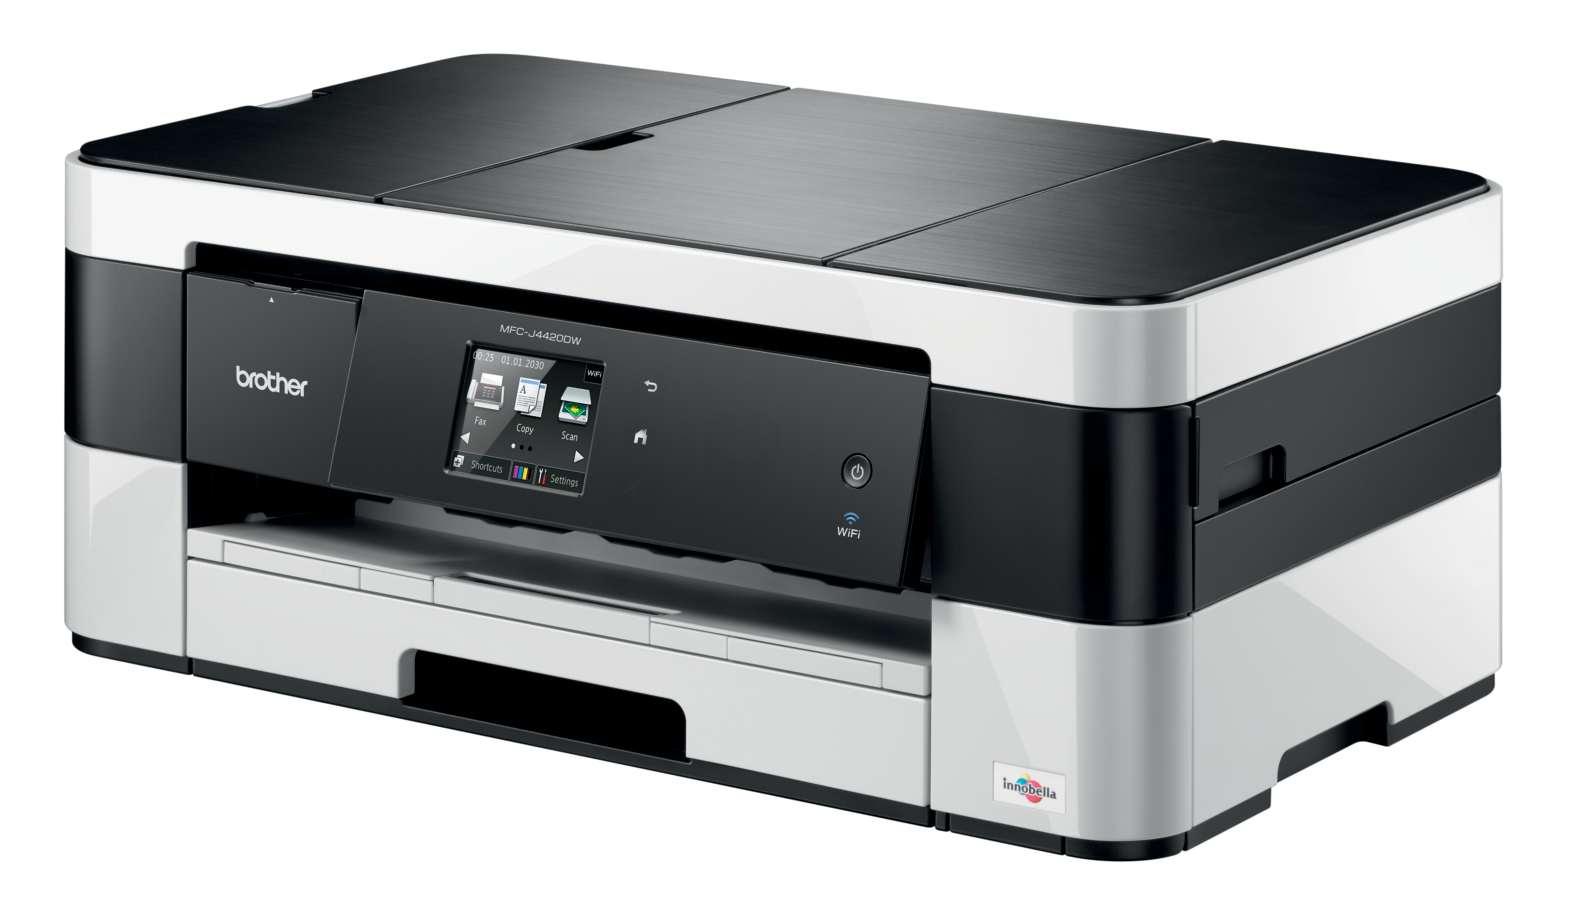 Brother MFC-J4420DW, tiskárna/kopírka/skener/fax, tisk na šířku, duplexní tisk, síť, WiFi, dotykový LCD